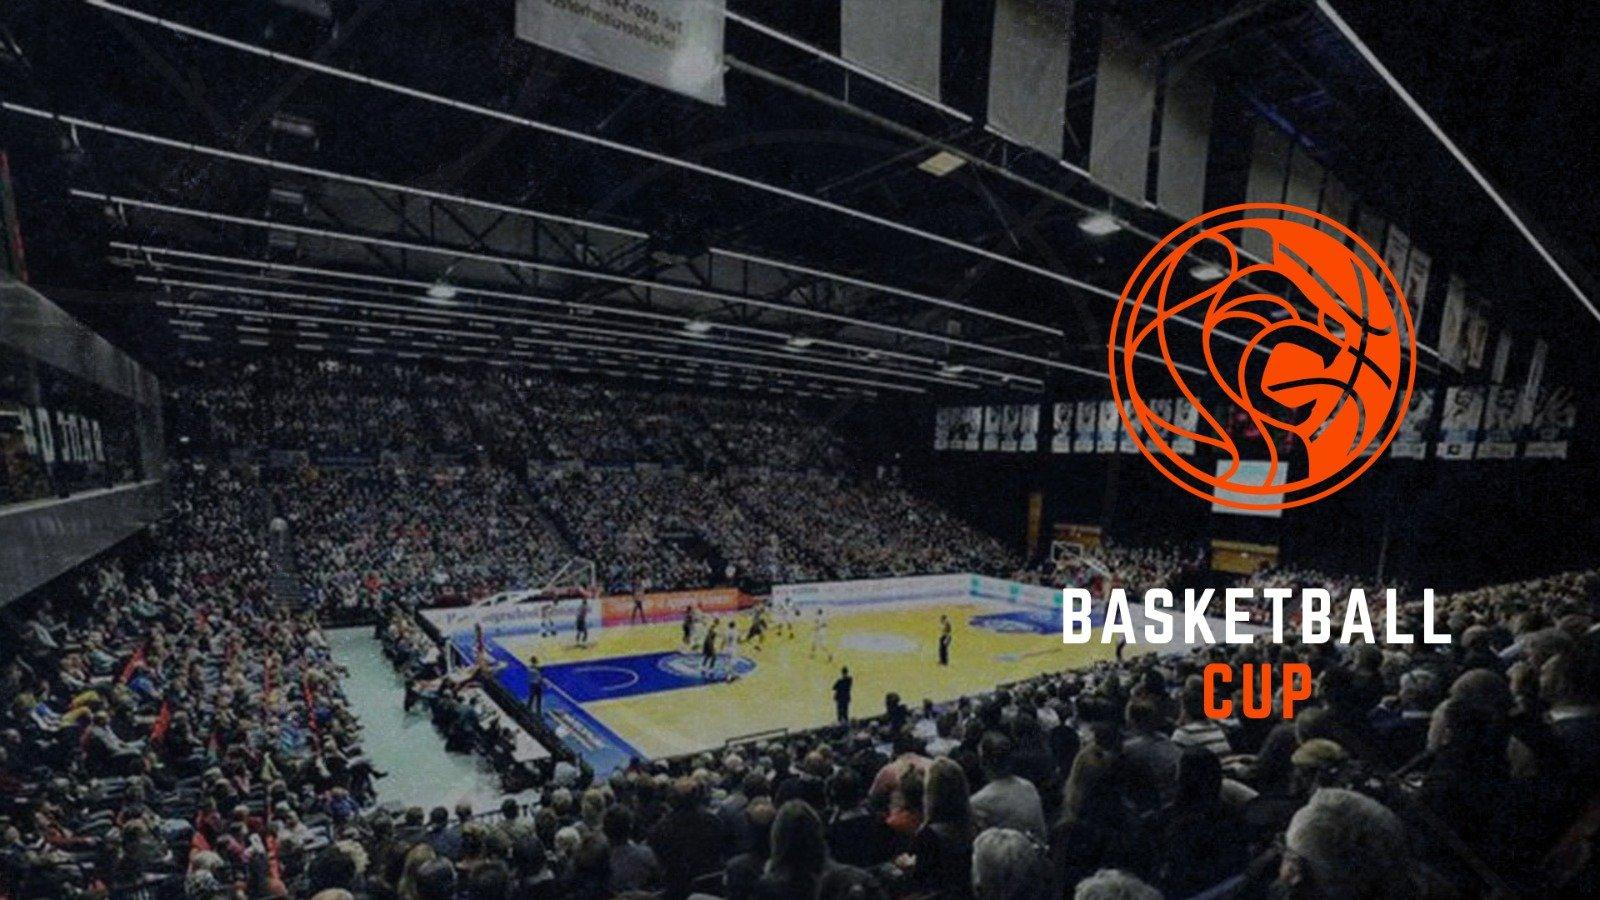 Basketball cup visual.jpeg